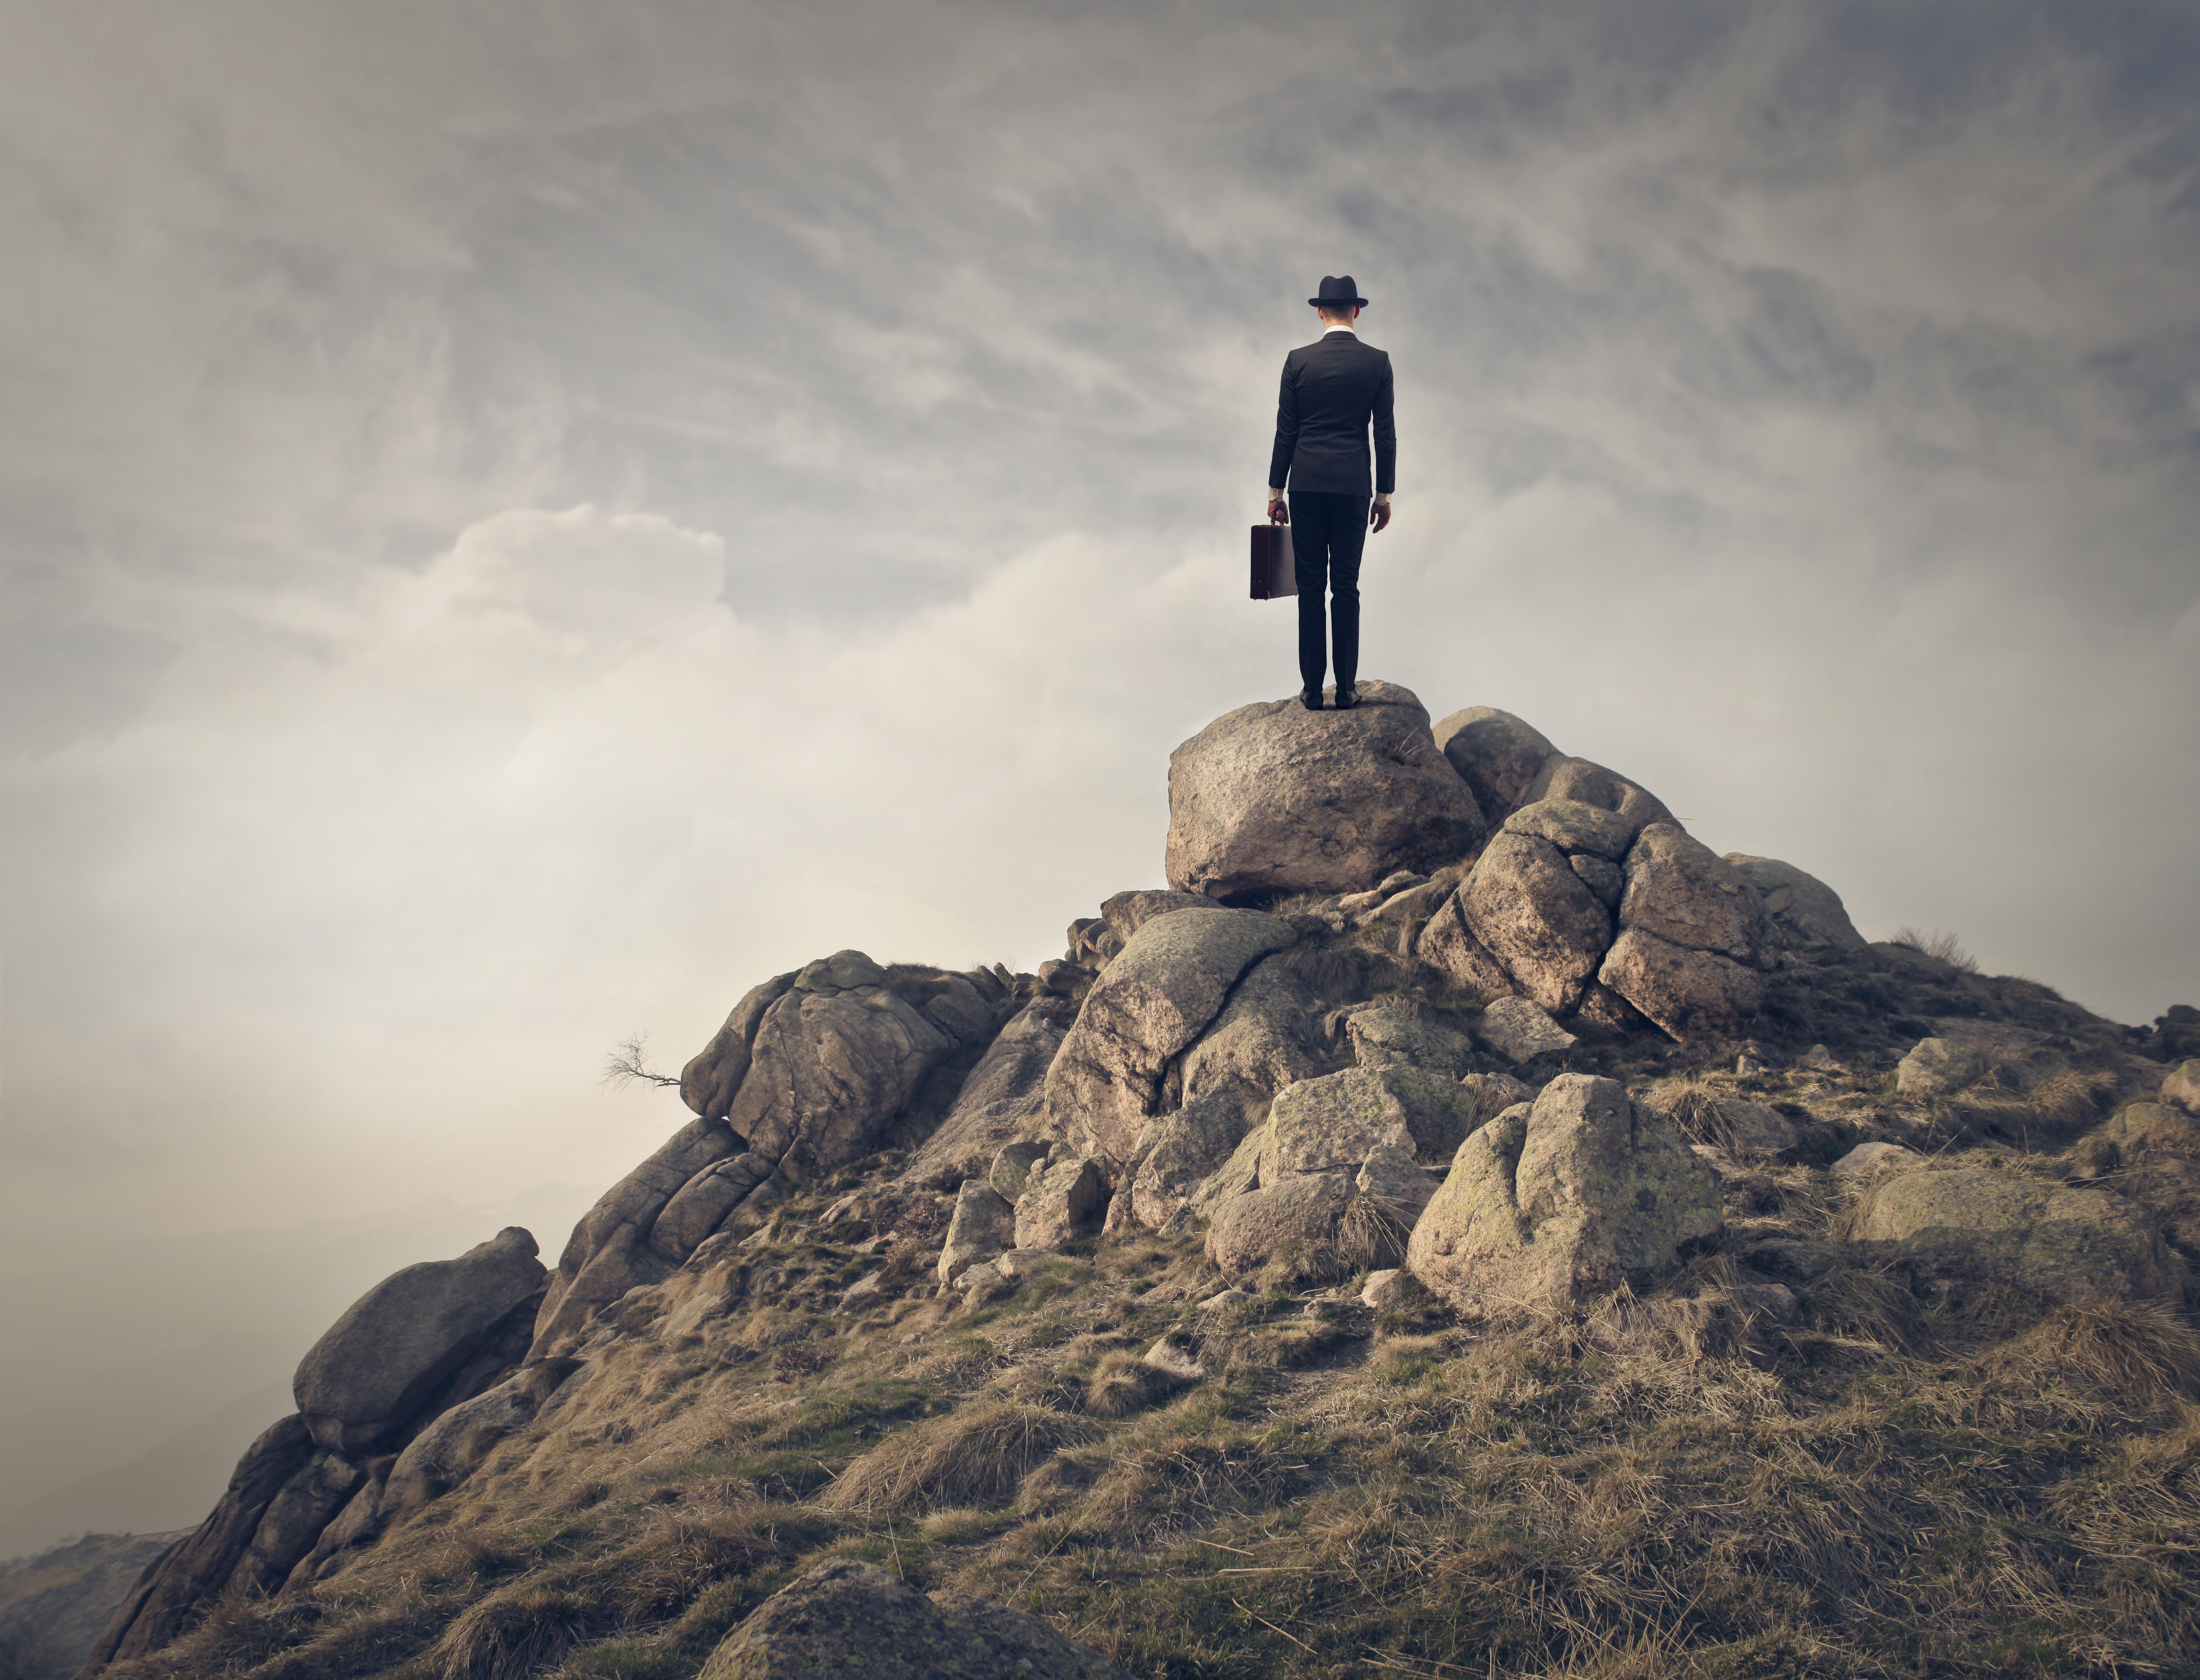 створка, показанная парень картинки на холме предмет для